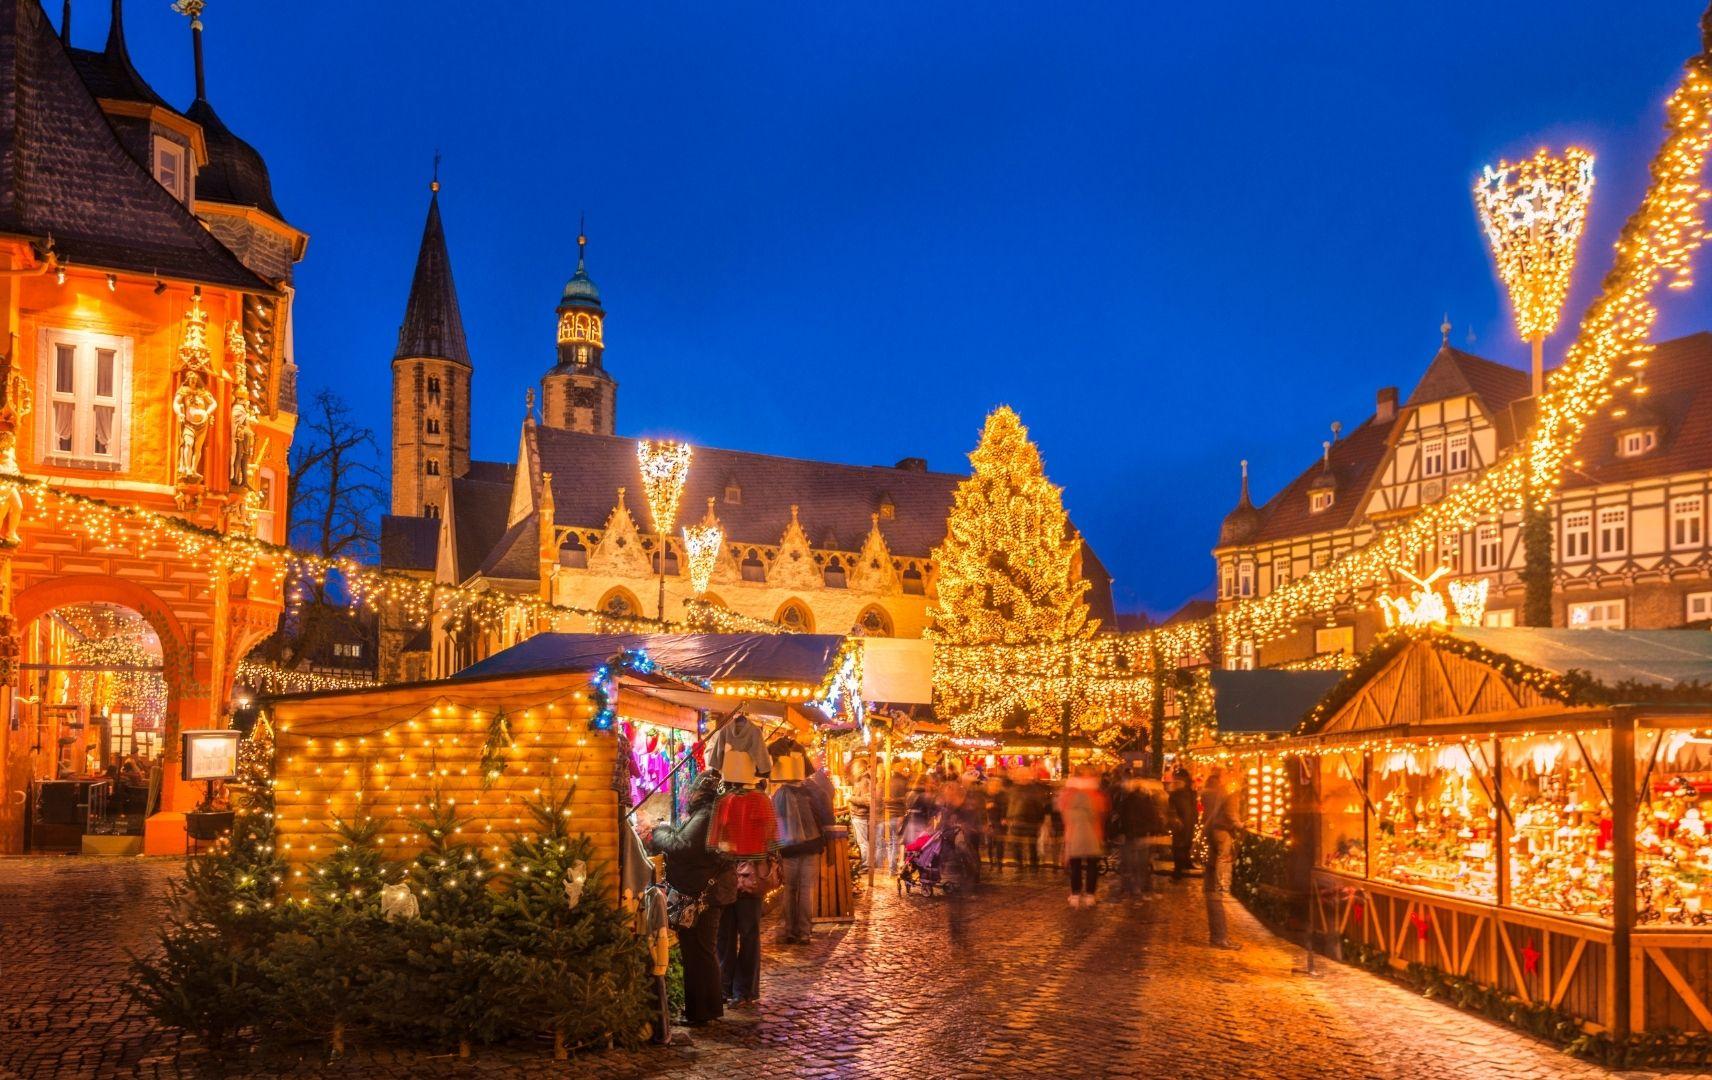 Weihnachten - Weihnachtsmarkt Goslar